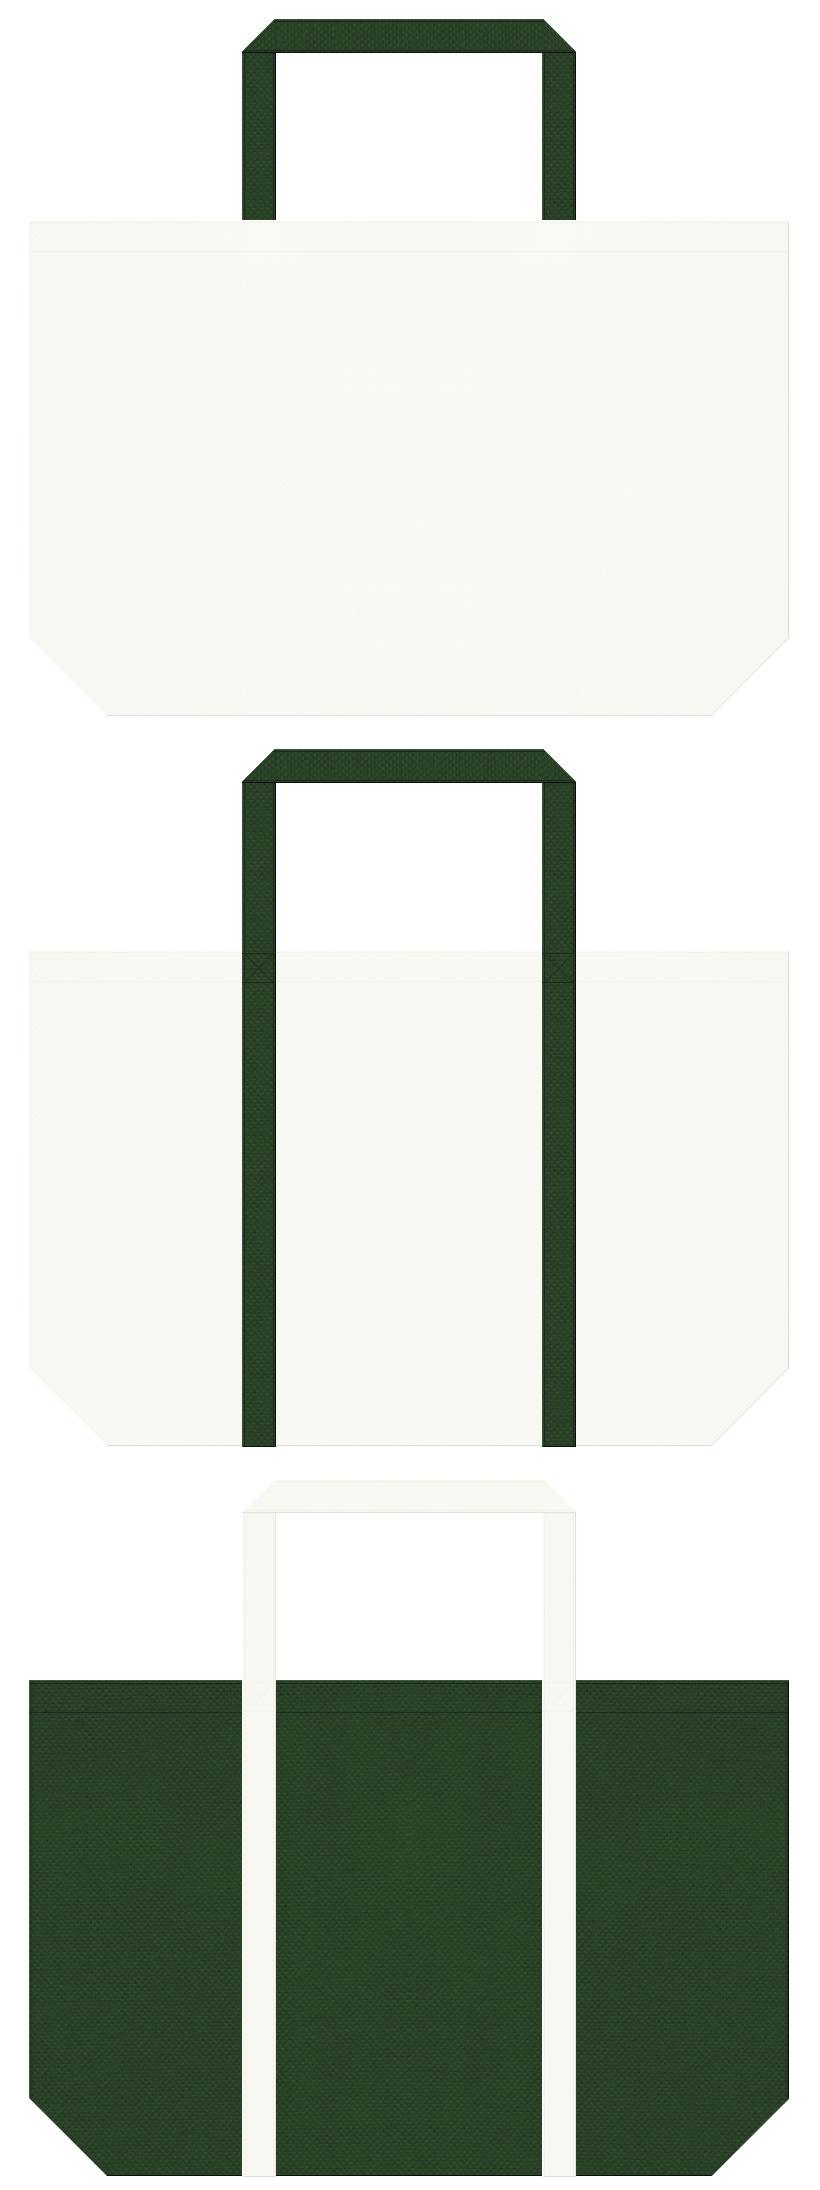 学校・学園・オープンキャンパス・薬局・救急用品・医療施設・医薬品・バイオ・安全用品の展示会用バッグにお奨めの不織布バッグデザイン:オフホワイト色と濃緑色のコーデ